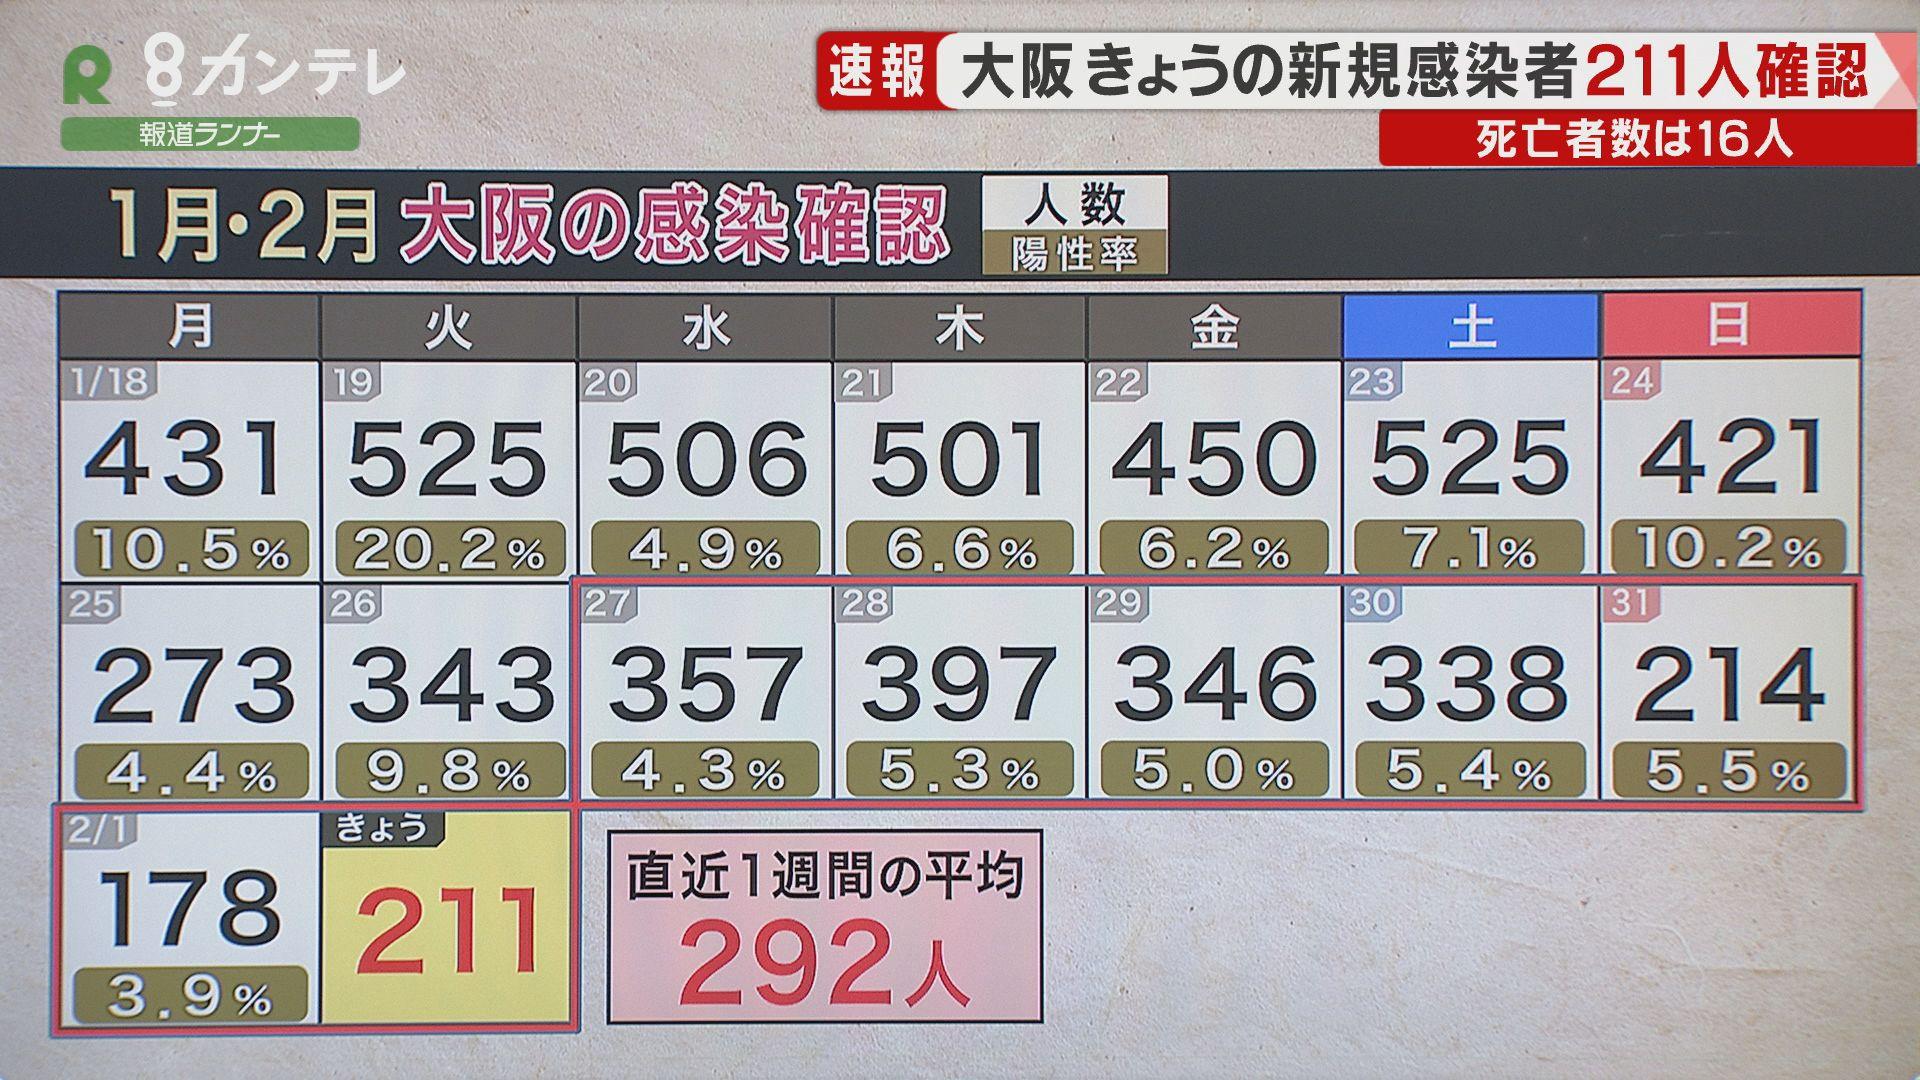 【速報】大阪で新たに211人の感染確認 感染者16人が死亡